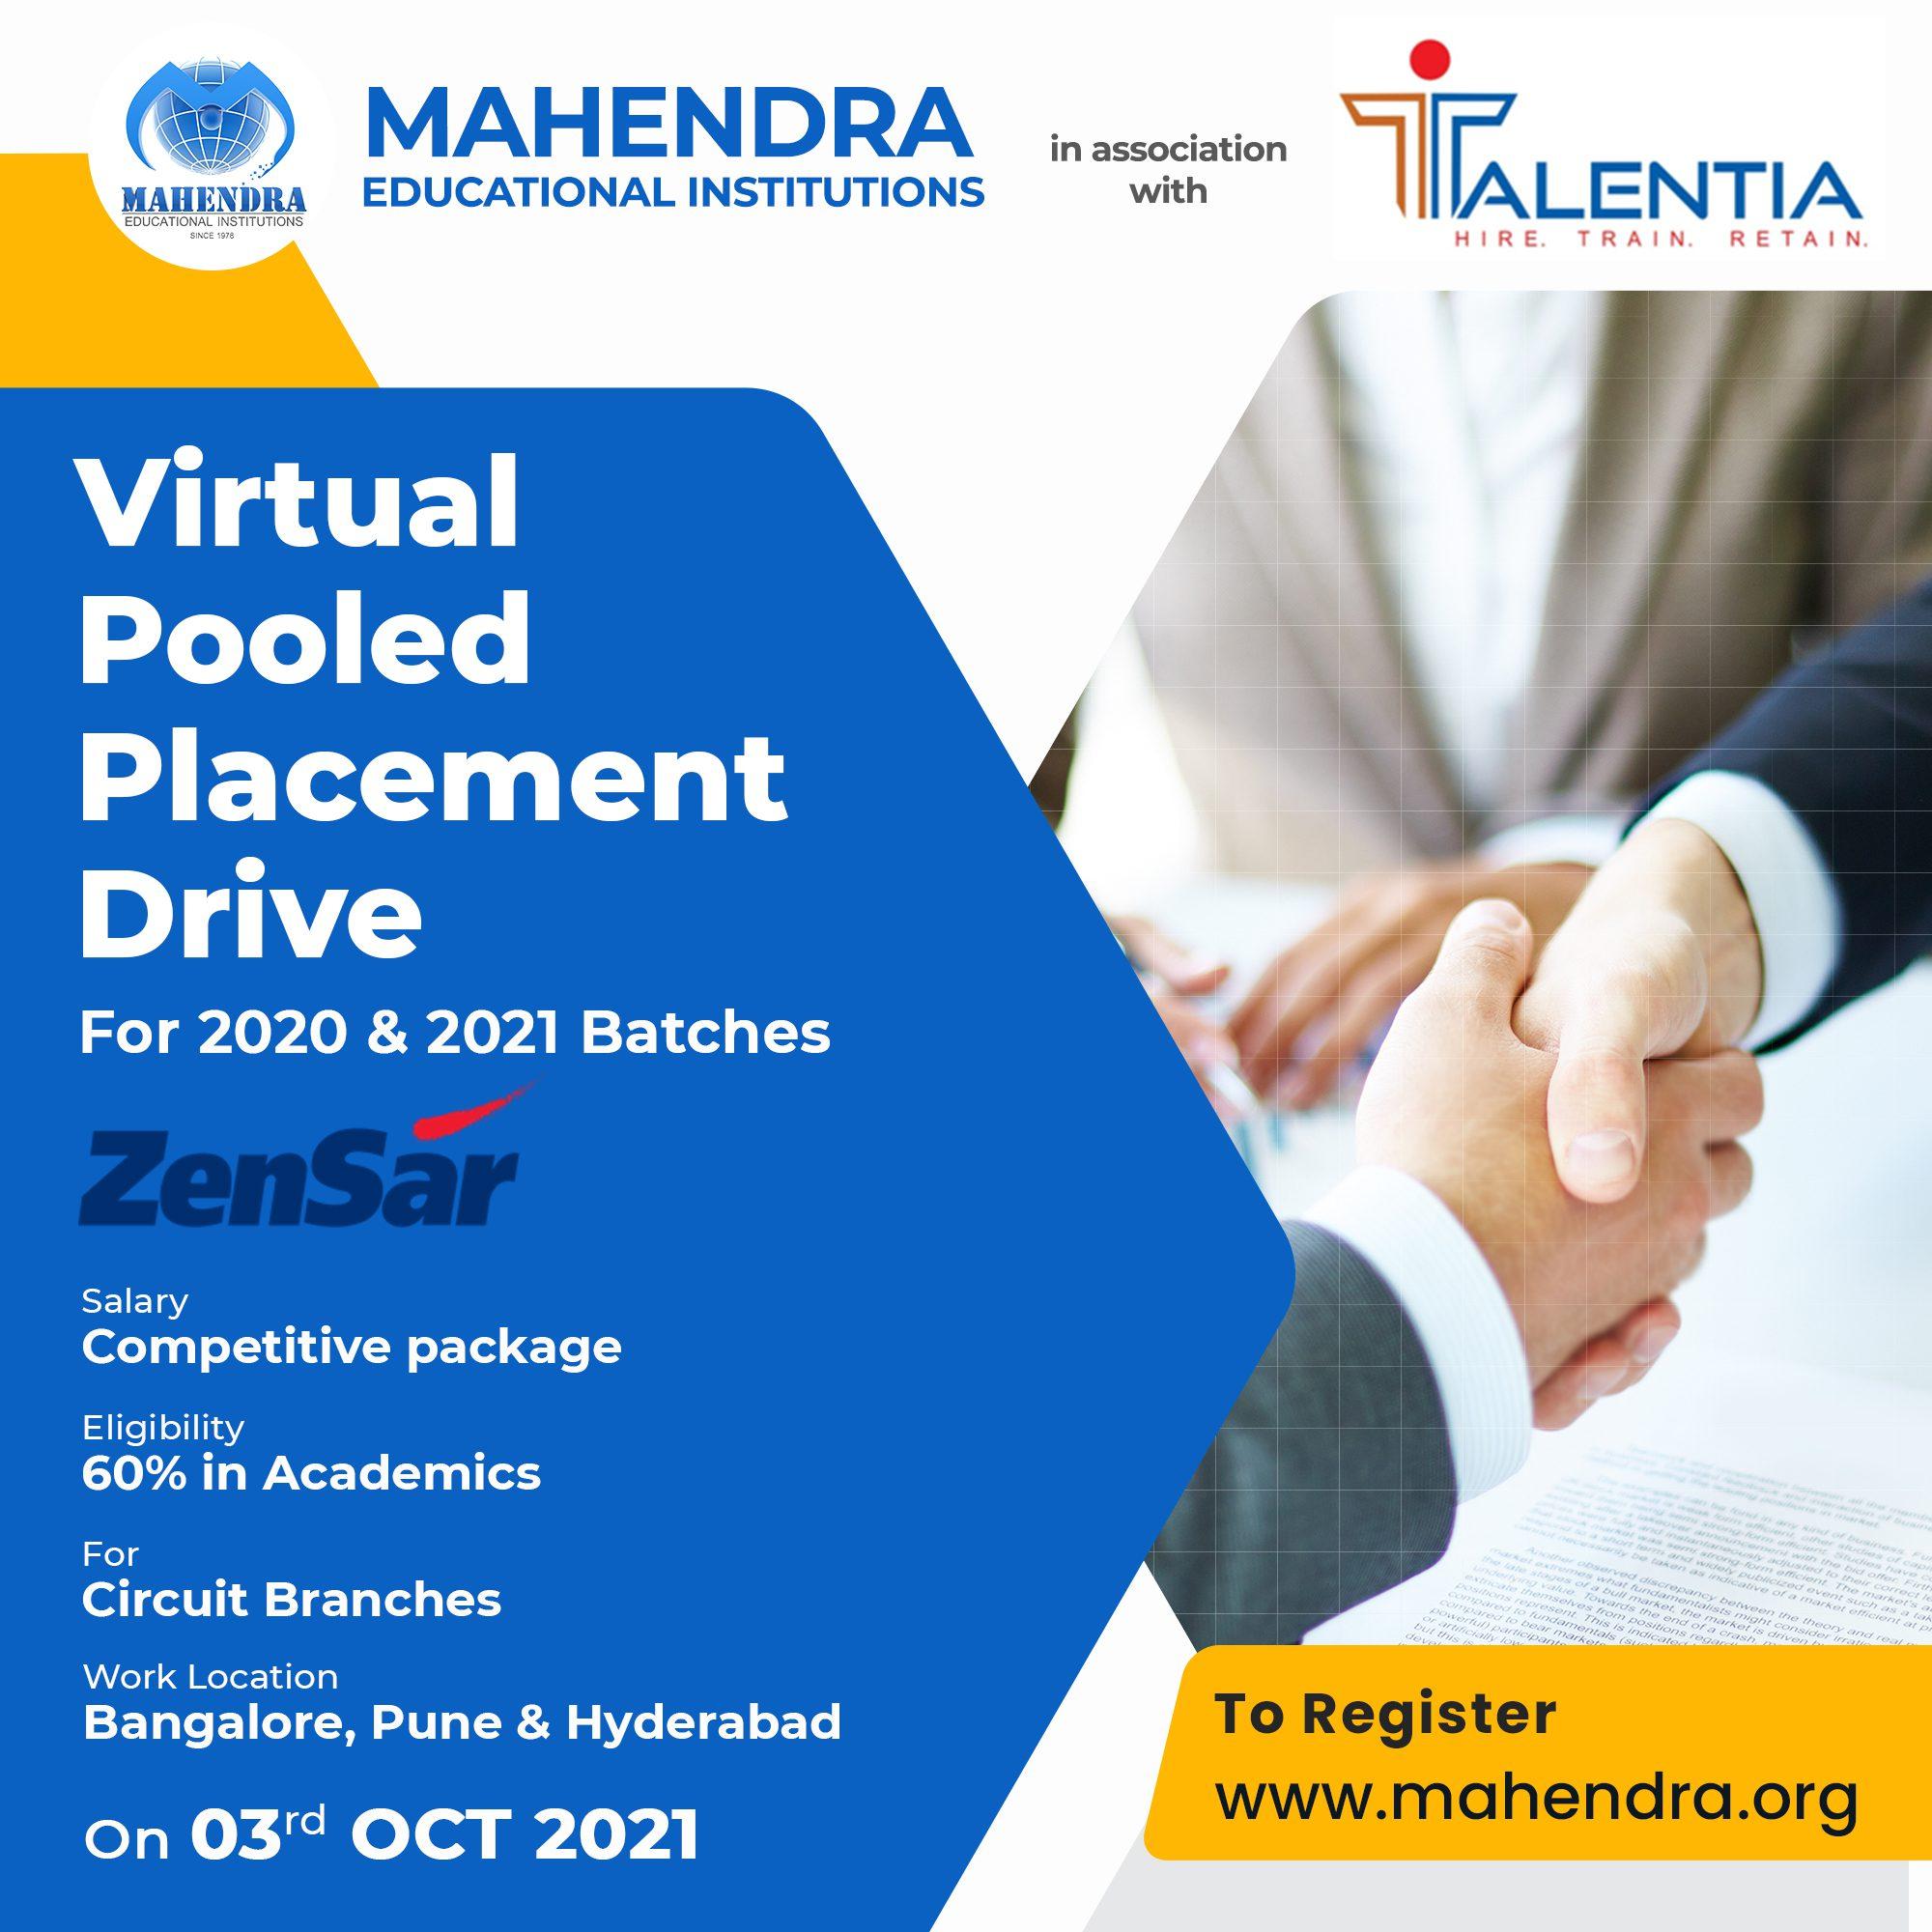 Zensar placement drive - 3rd Oct 2021